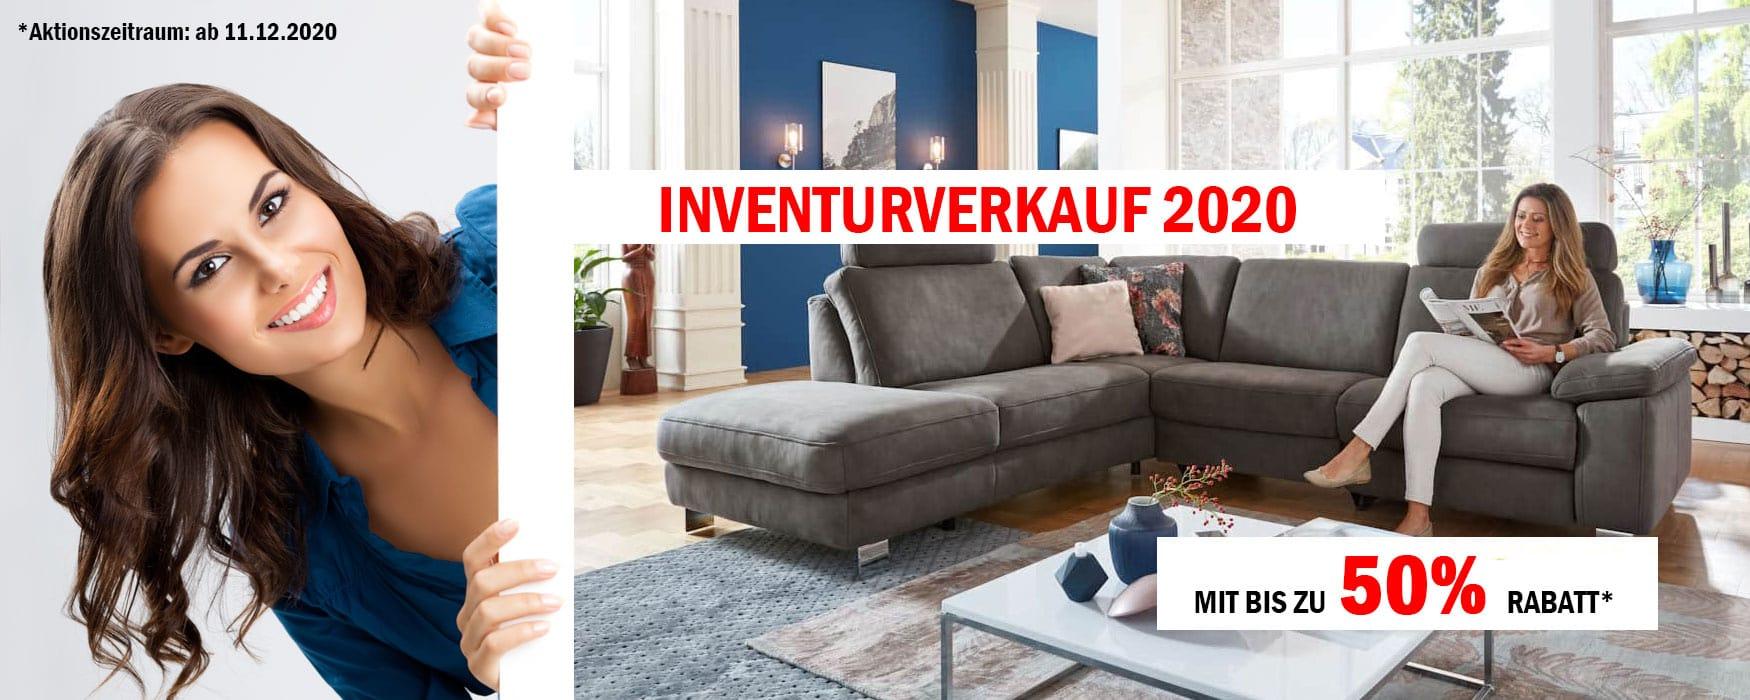 Inventurverkauf 2020